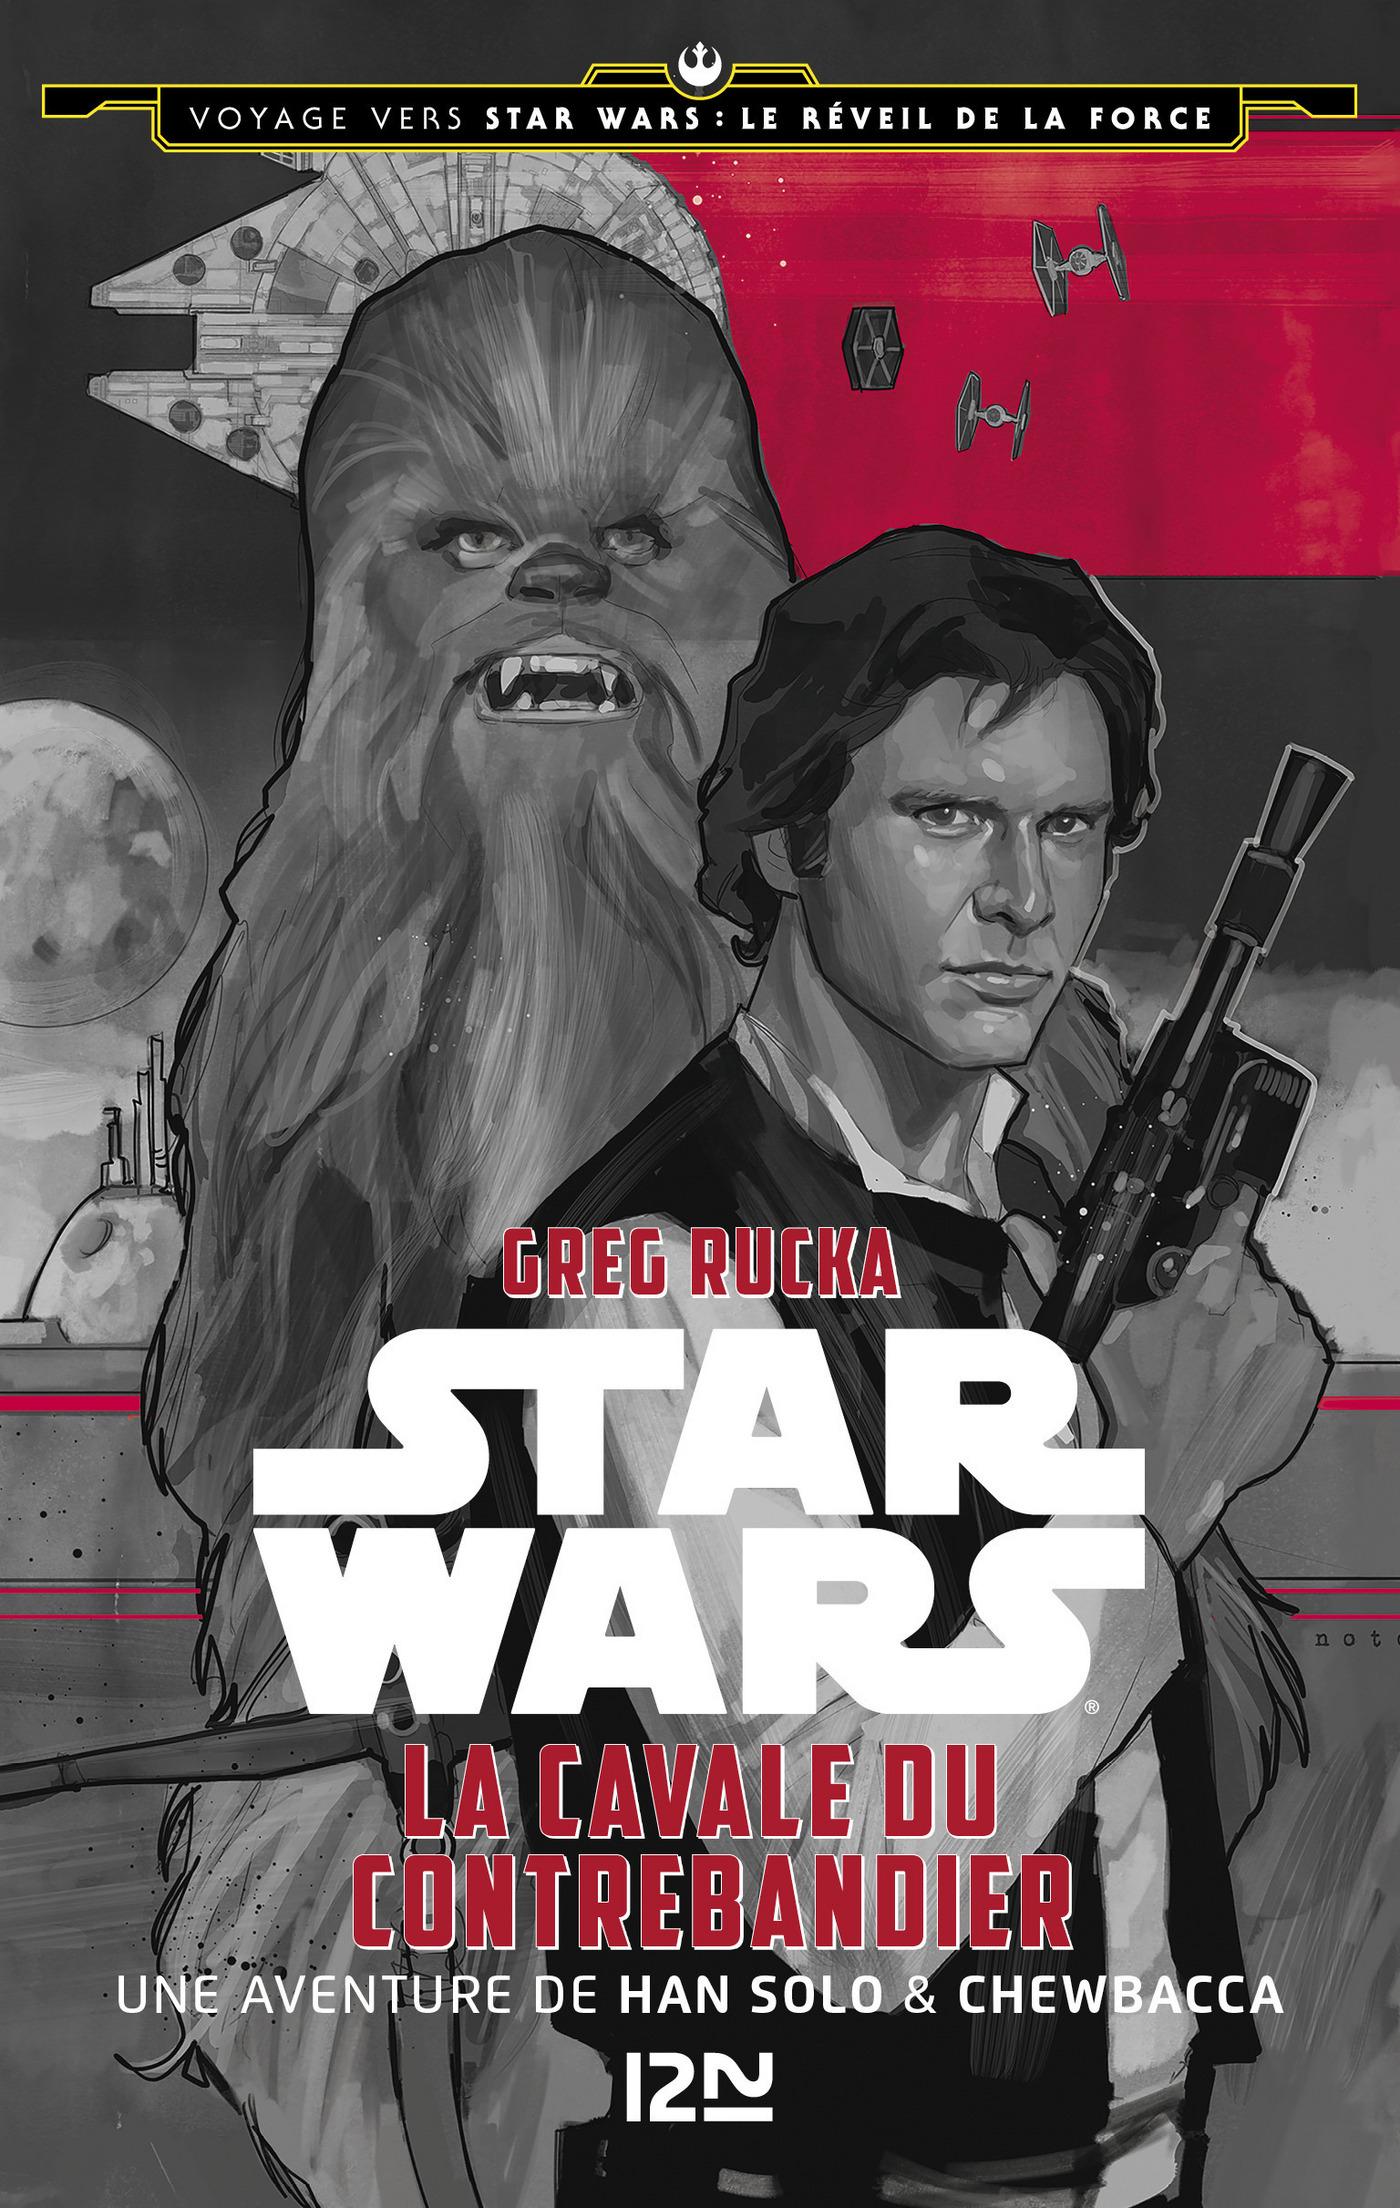 Voyage vers Star Wars - tome 1 : Le r?veil de la force - La cavale du contrebandier